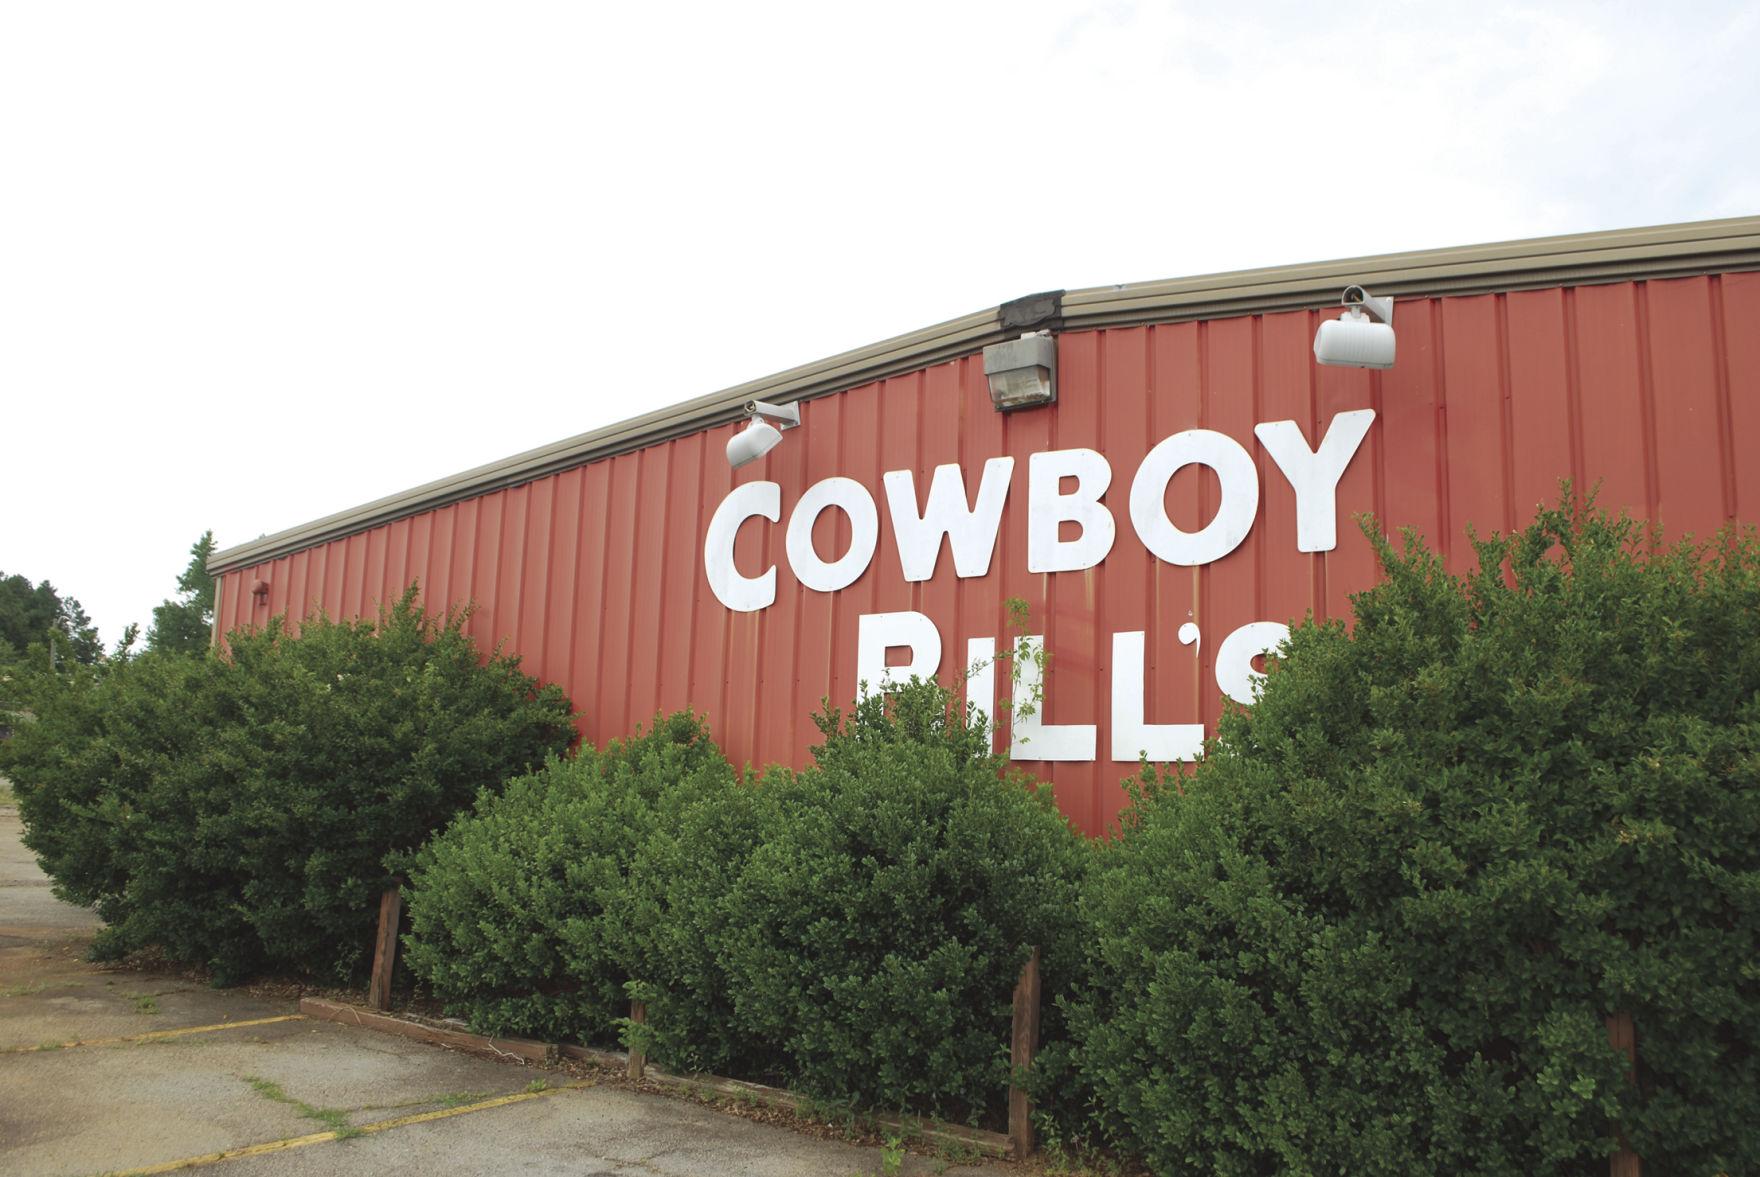 Cowboy bills milledgeville ga